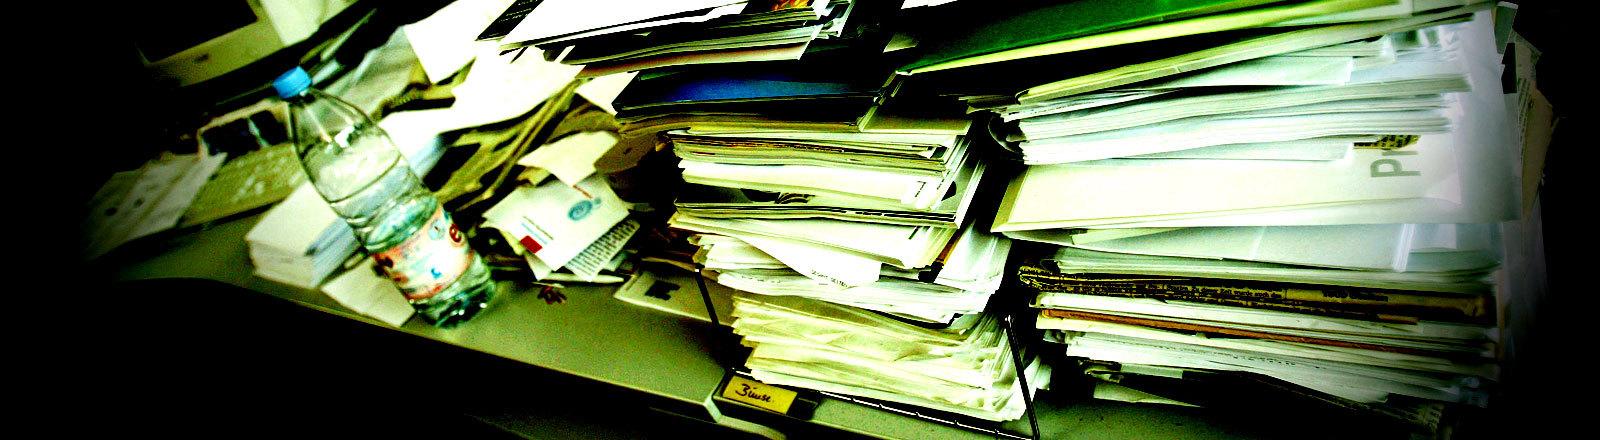 Stapel Papier auf einem Schreibtisch